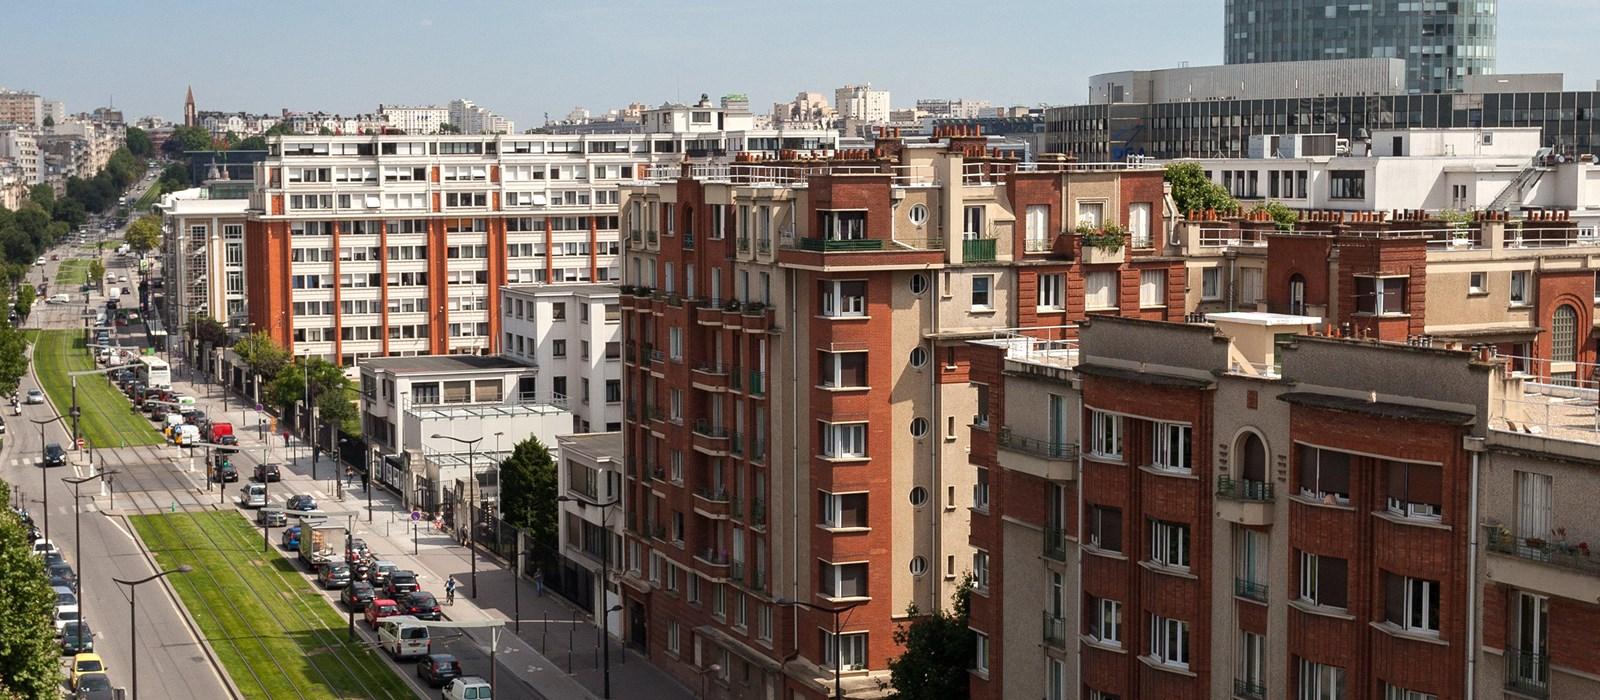 Situation de l 39 h tel median paris porte de versailles - Hotel porte de versailles parc des expositions ...